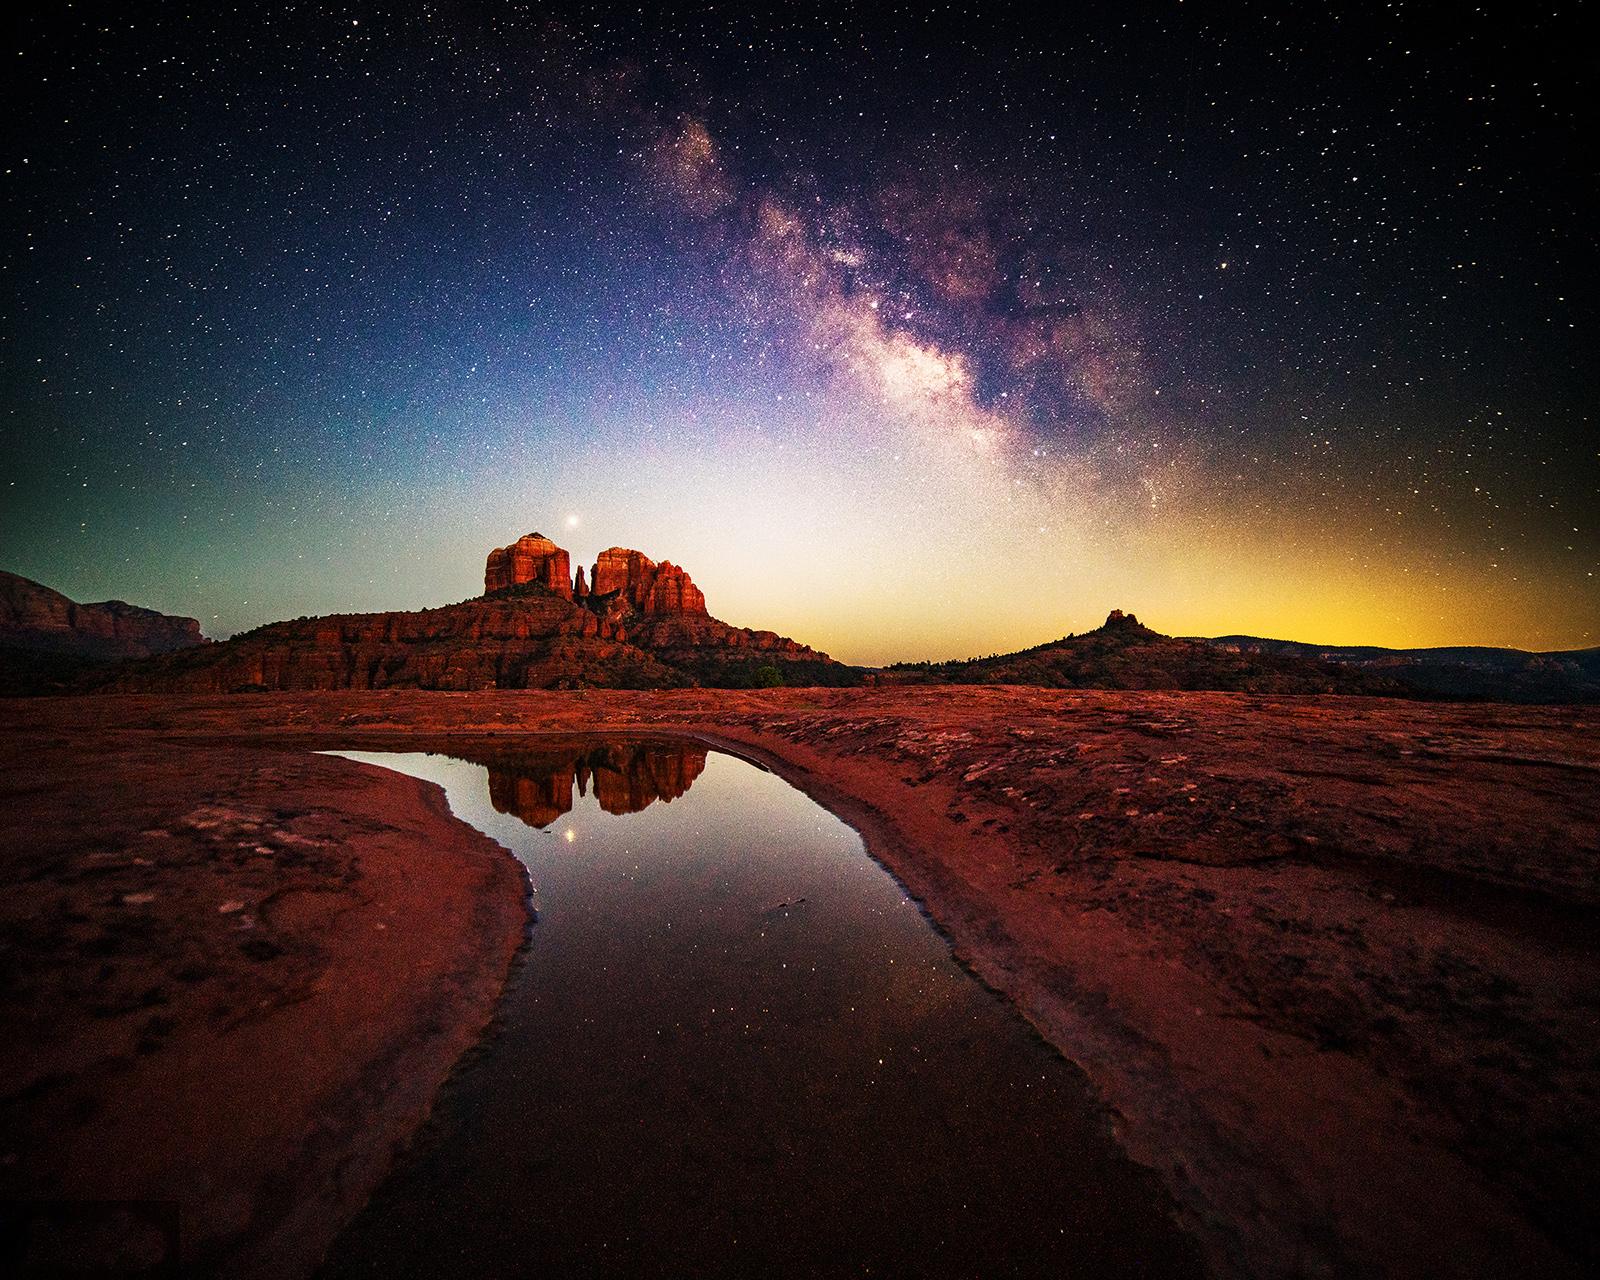 Mars, Sedona, Cathedral Rock, Arizona, Milky Way, photo